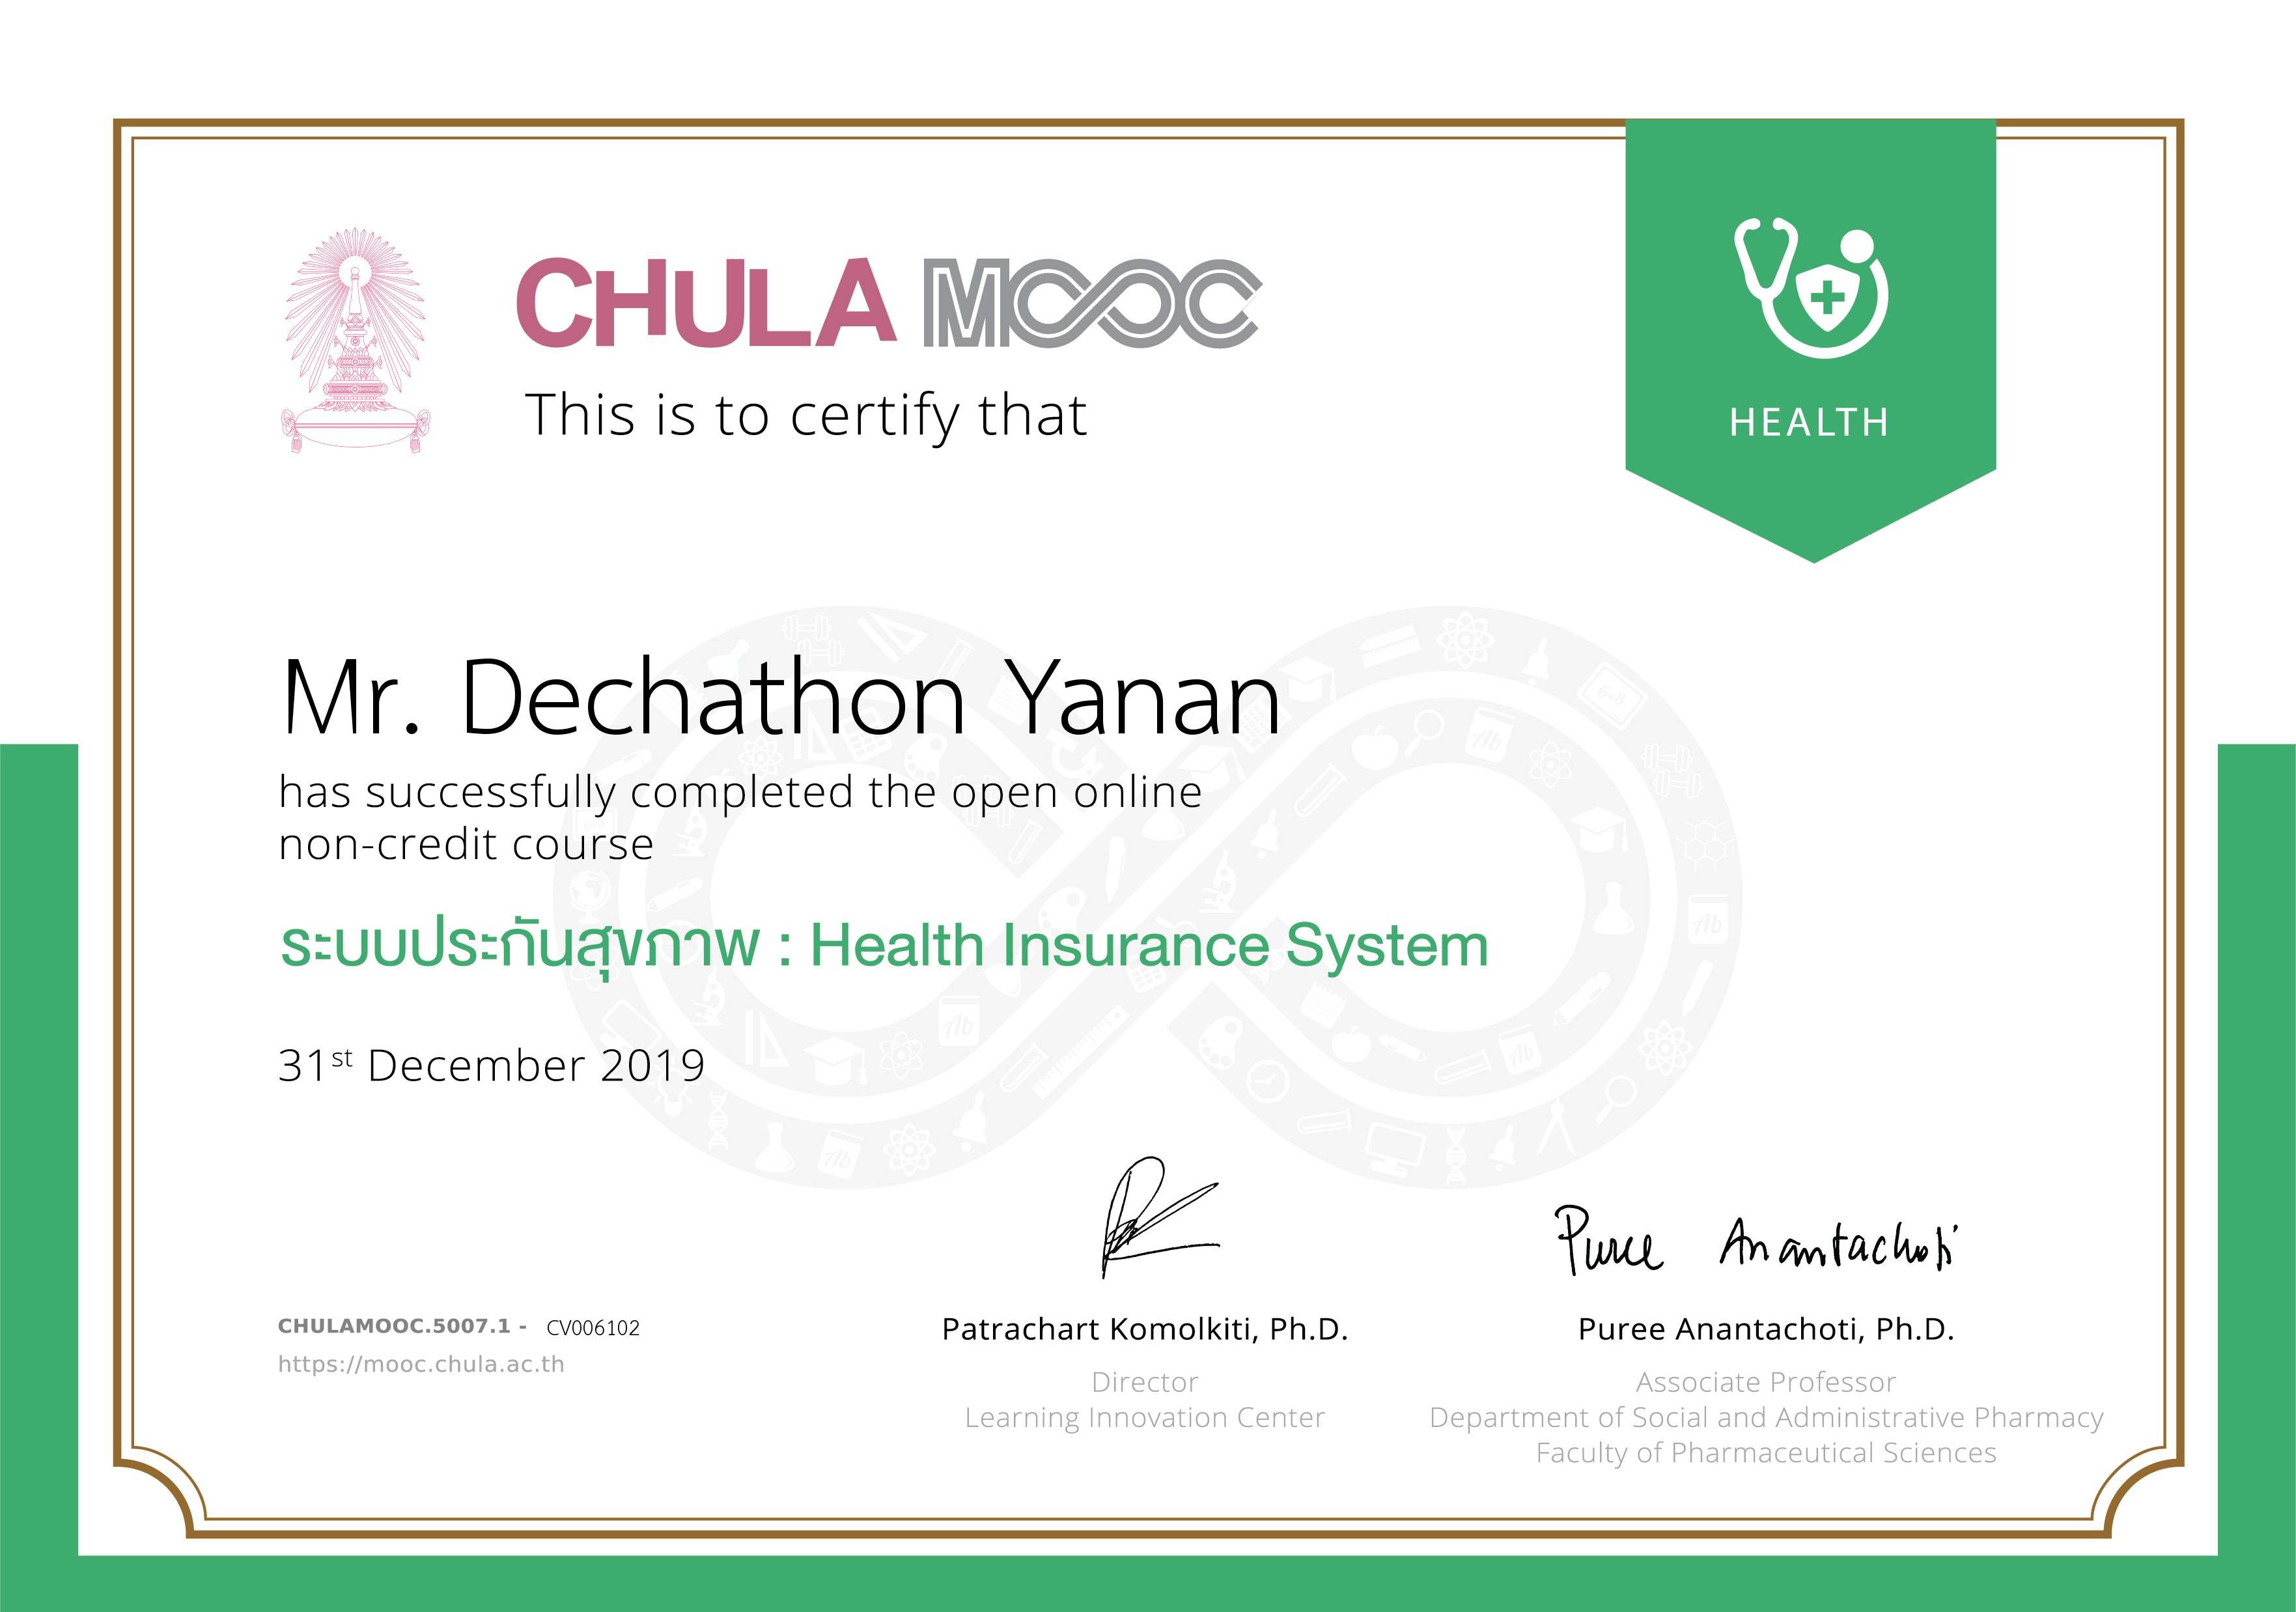 หลักสูตร Health Insurance System: ระบบประกันสุขภาพ